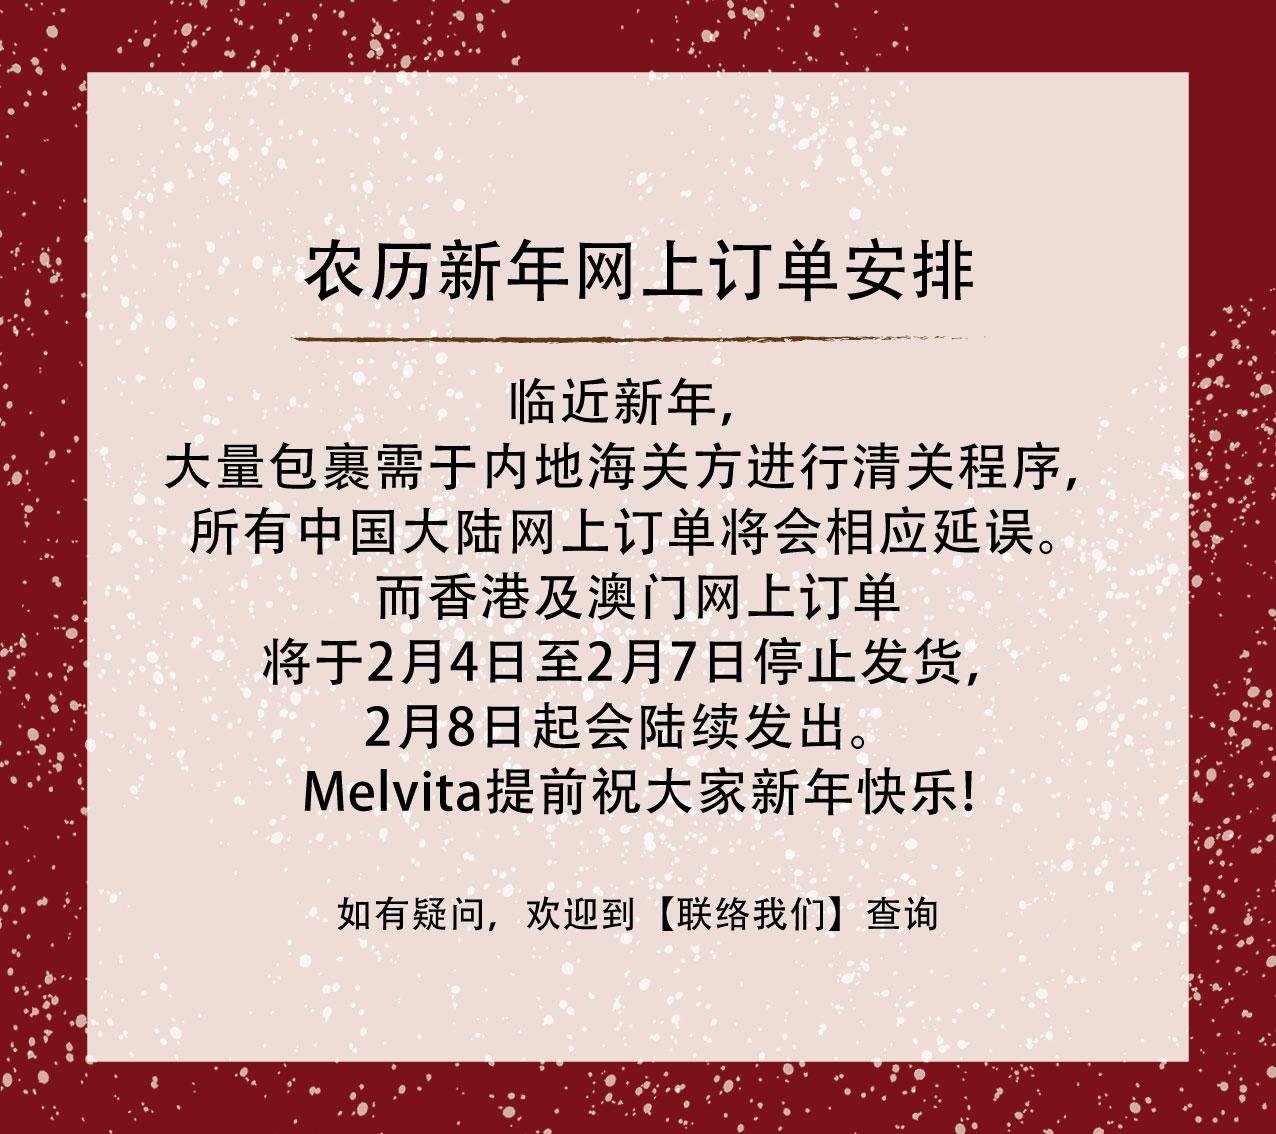 临近新年,大量包裹需于内地海关方进行清关程序, 所有中国大陆网上订单将会相应延误。 而香港及澳门网上订单将于2月4日至2月7日停止发货,2月8日起会陆续发出。  Melvita提前祝大家新年快乐! 如有任何疑问,欢迎到【联络我们】查询。